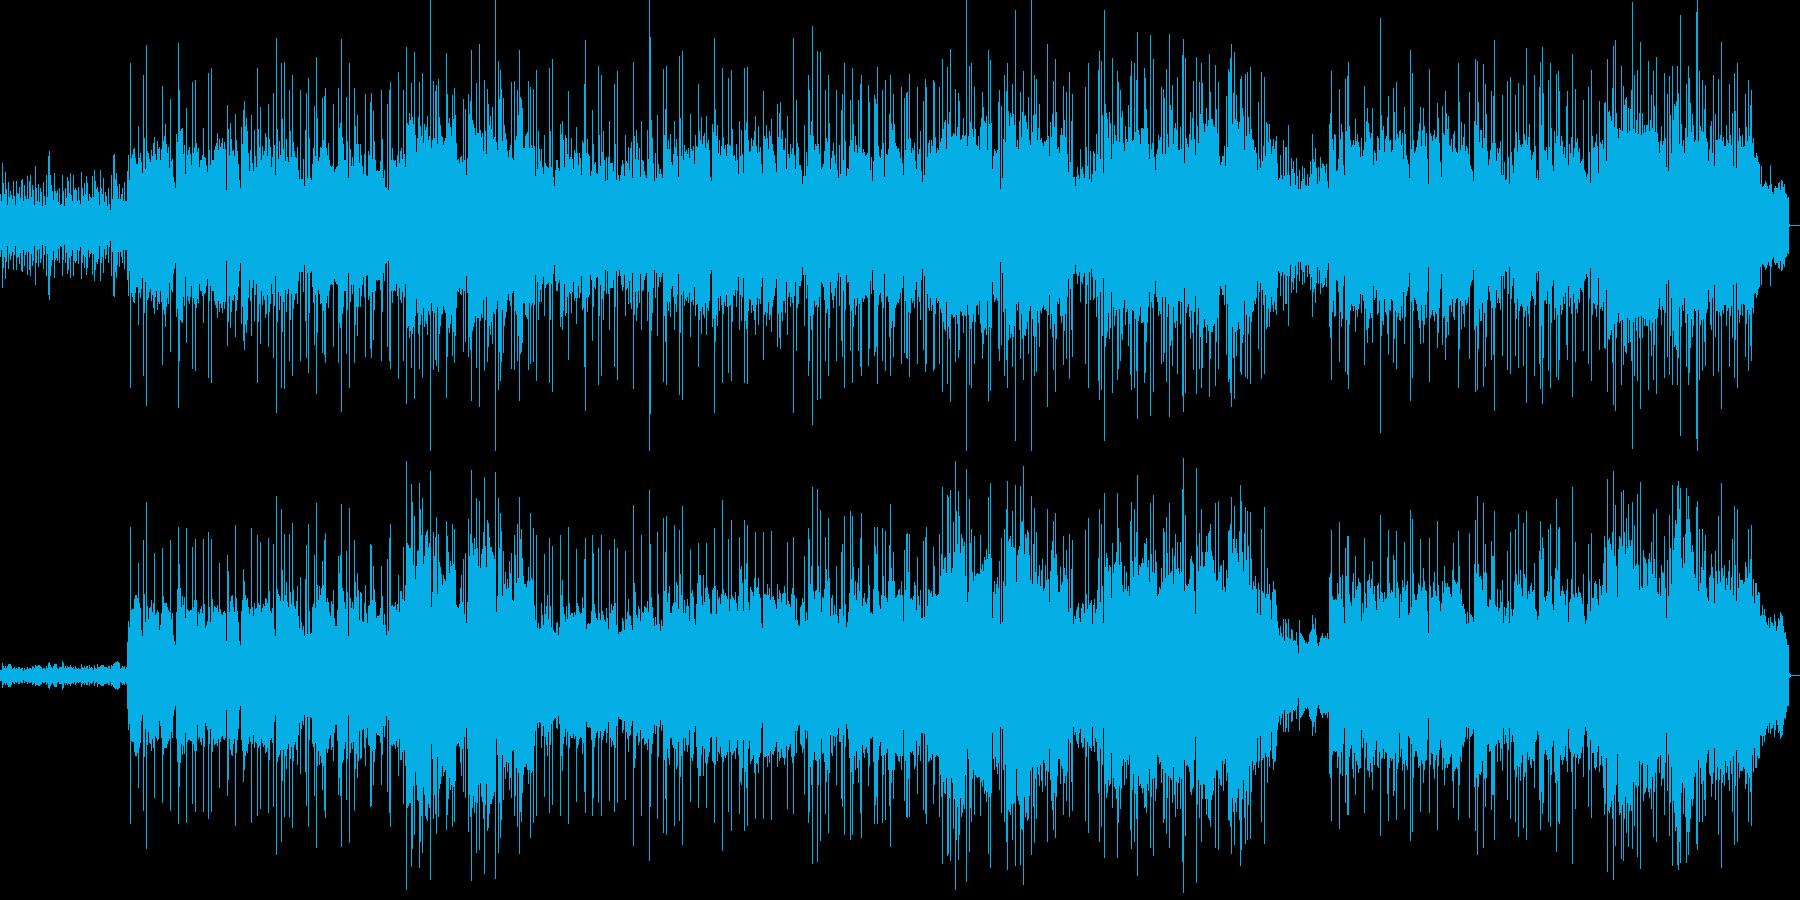 綺麗な音色で落ち着くメロディーの再生済みの波形